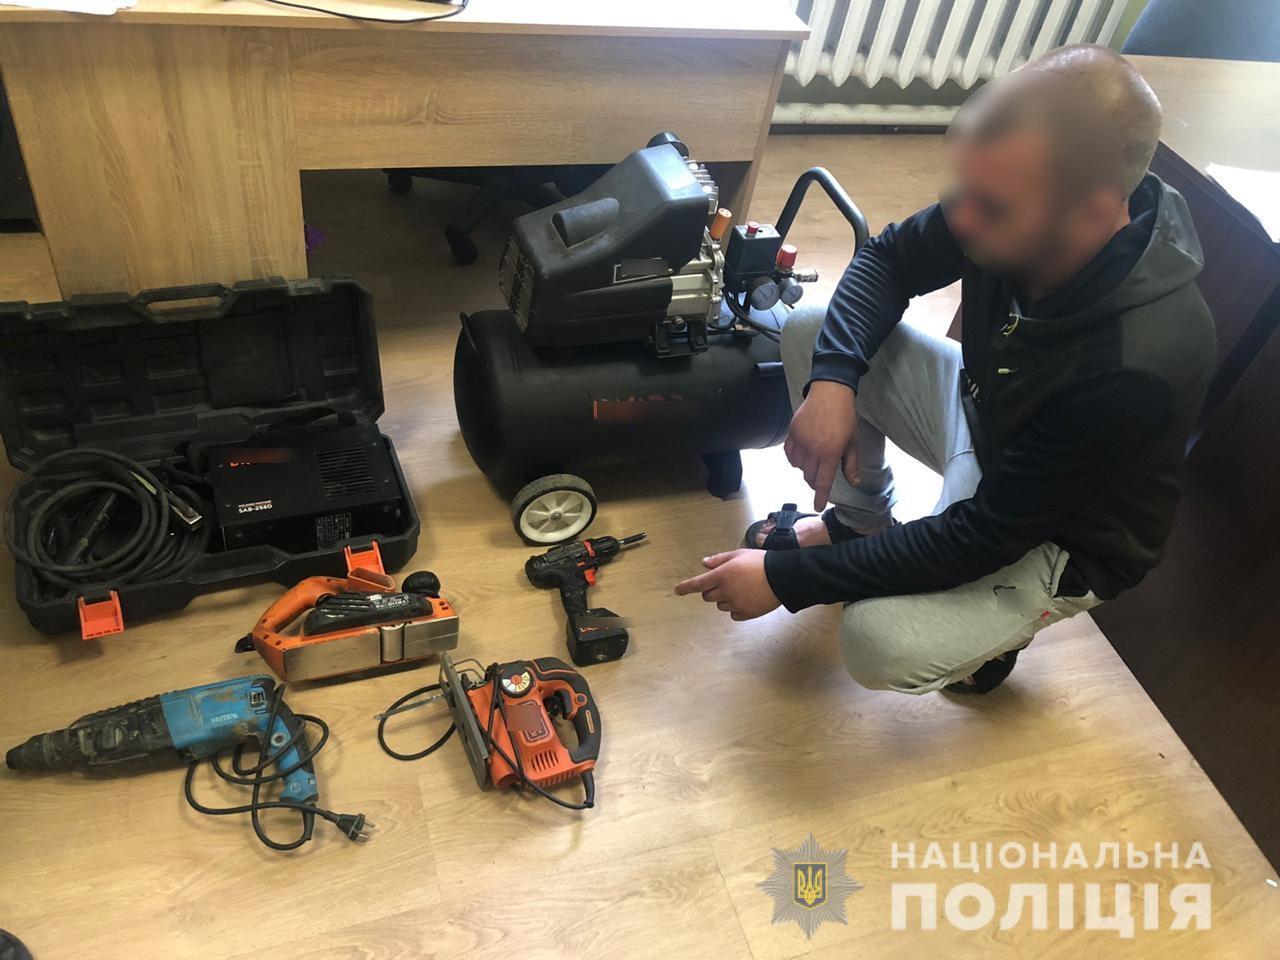 У Києво-Святошинському районі злодій обікрав гараж -  - gatne1